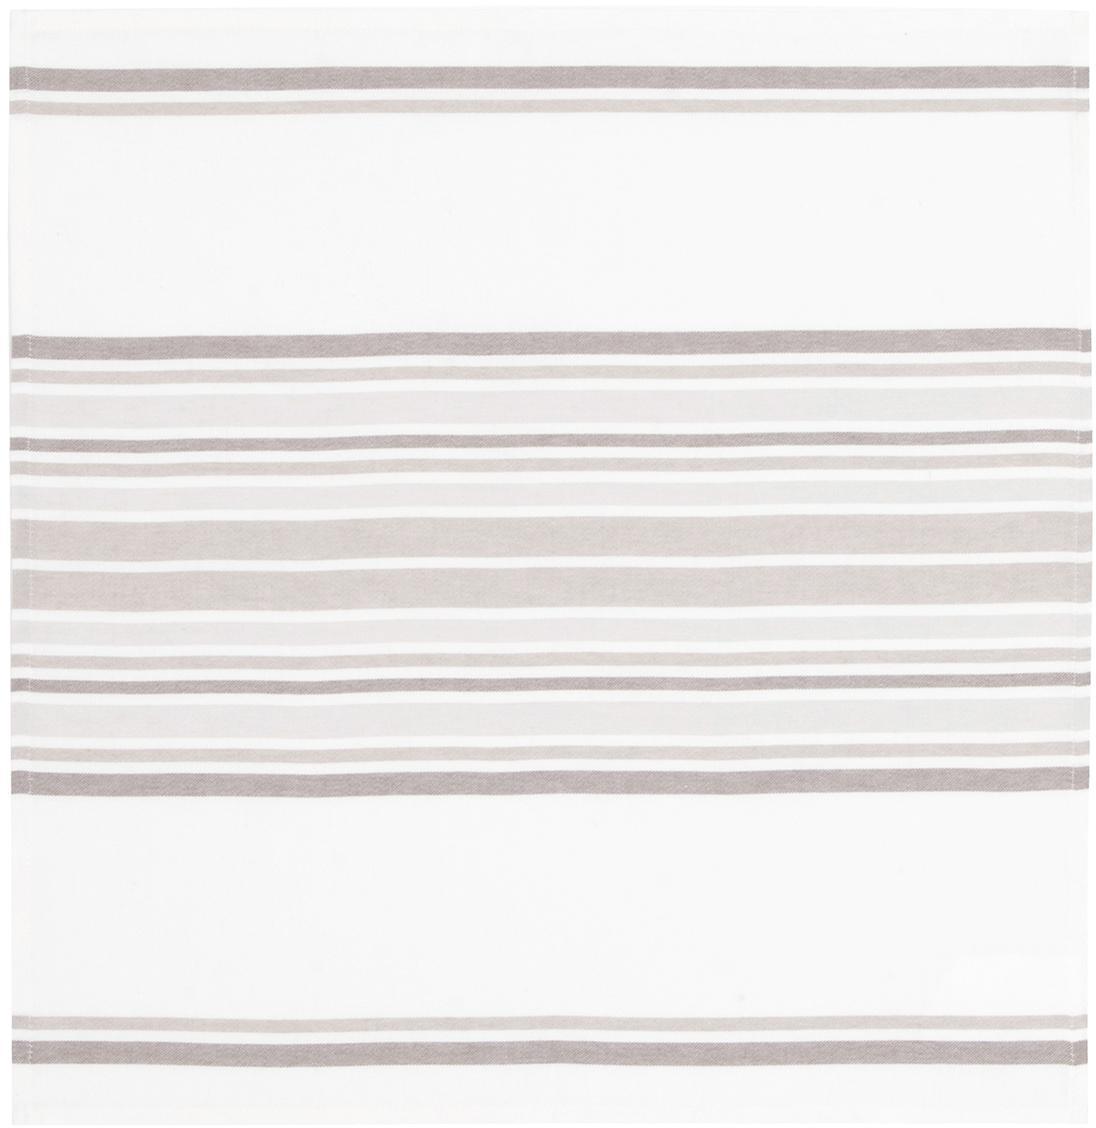 Tovagliolo in cotone Katie 2 pz, Cotone, Bianco, beige, Larg. 50 x Lung. 50 cm